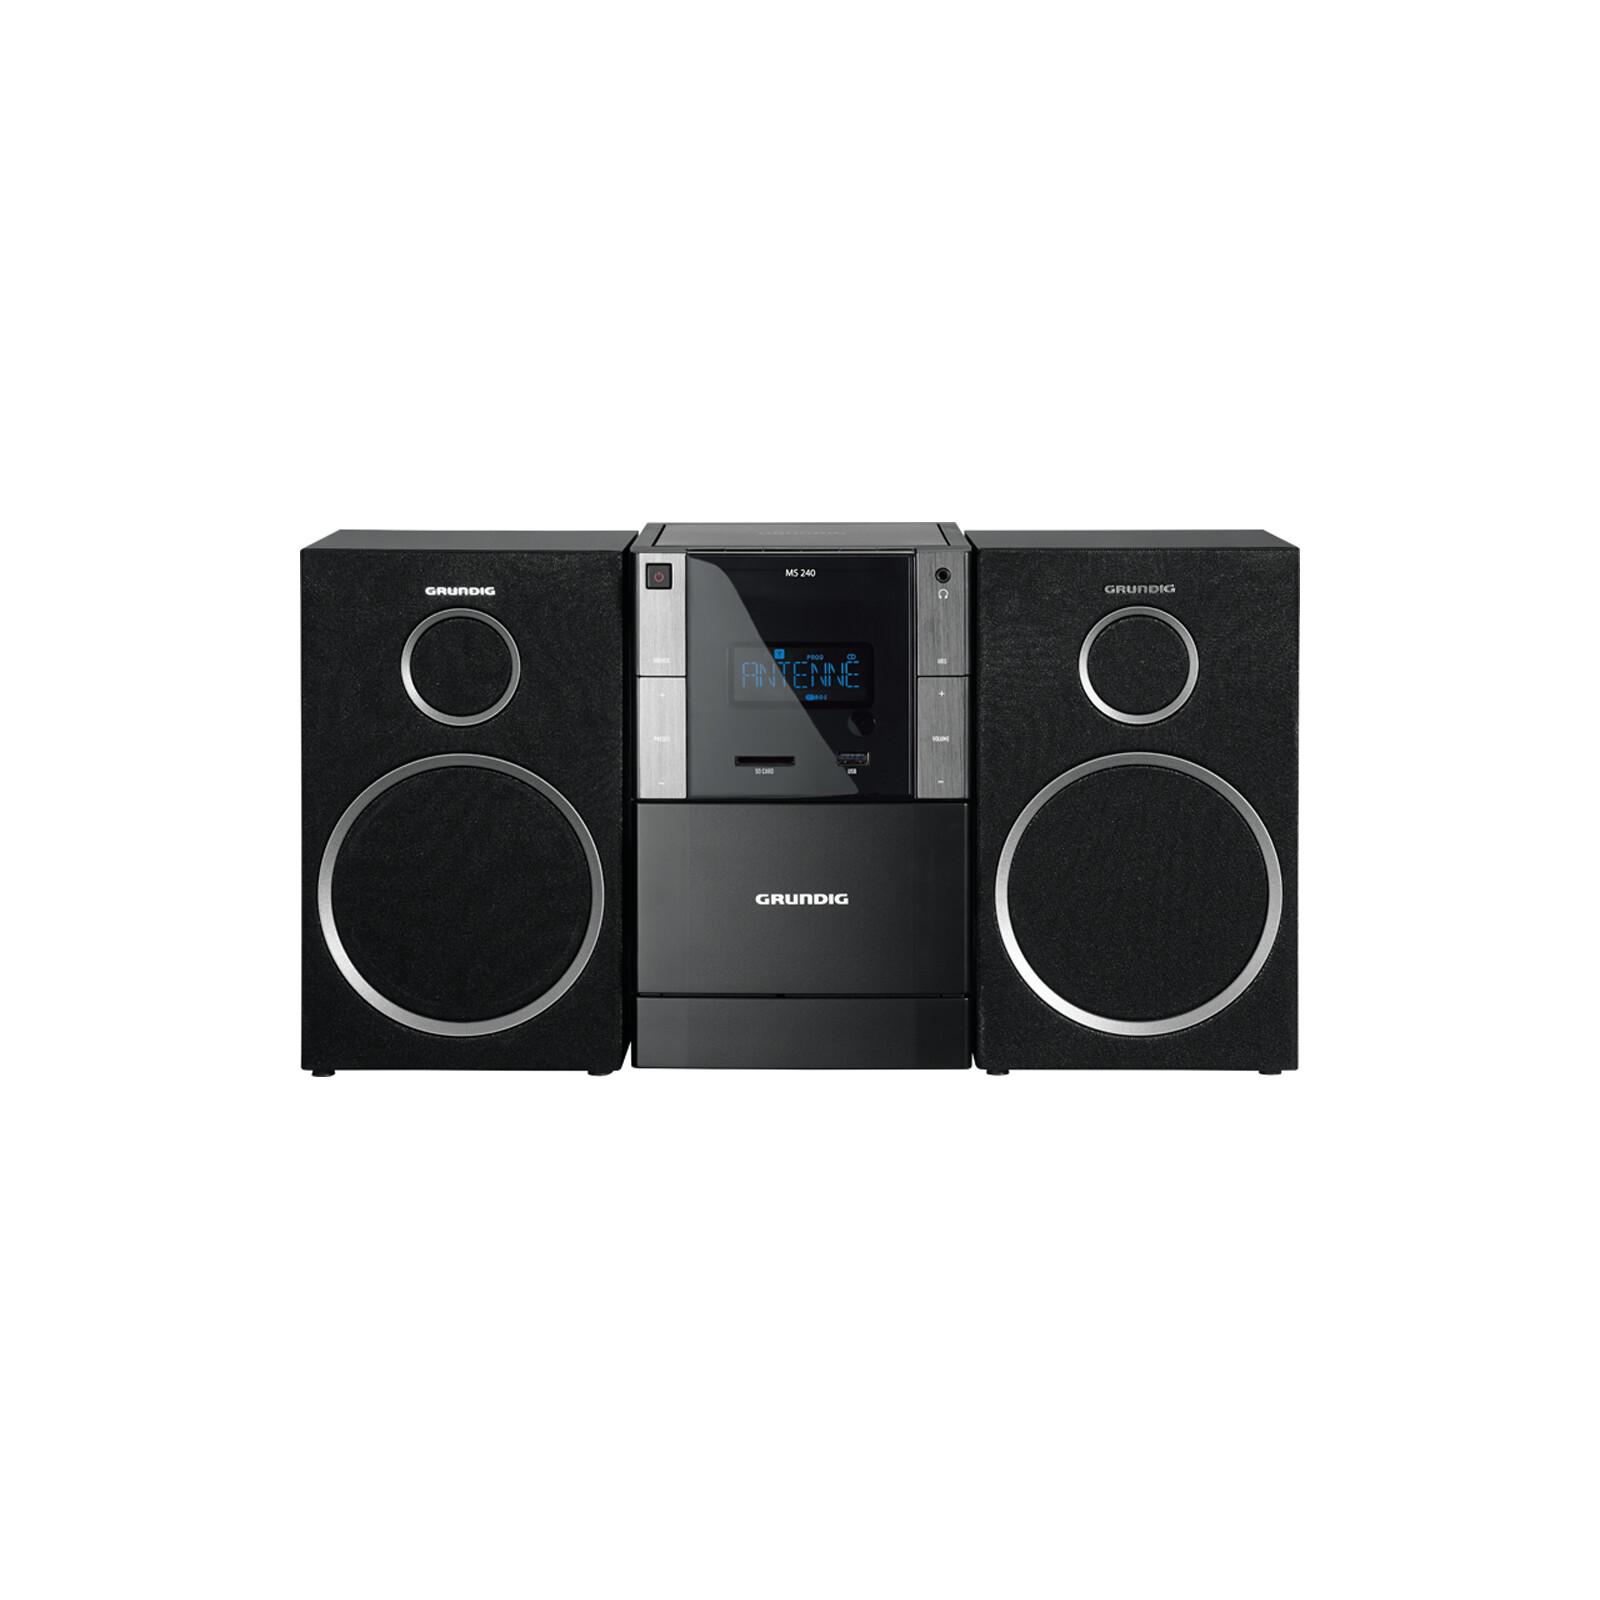 Grundig MS 240 Stereoanlage mit Kassette